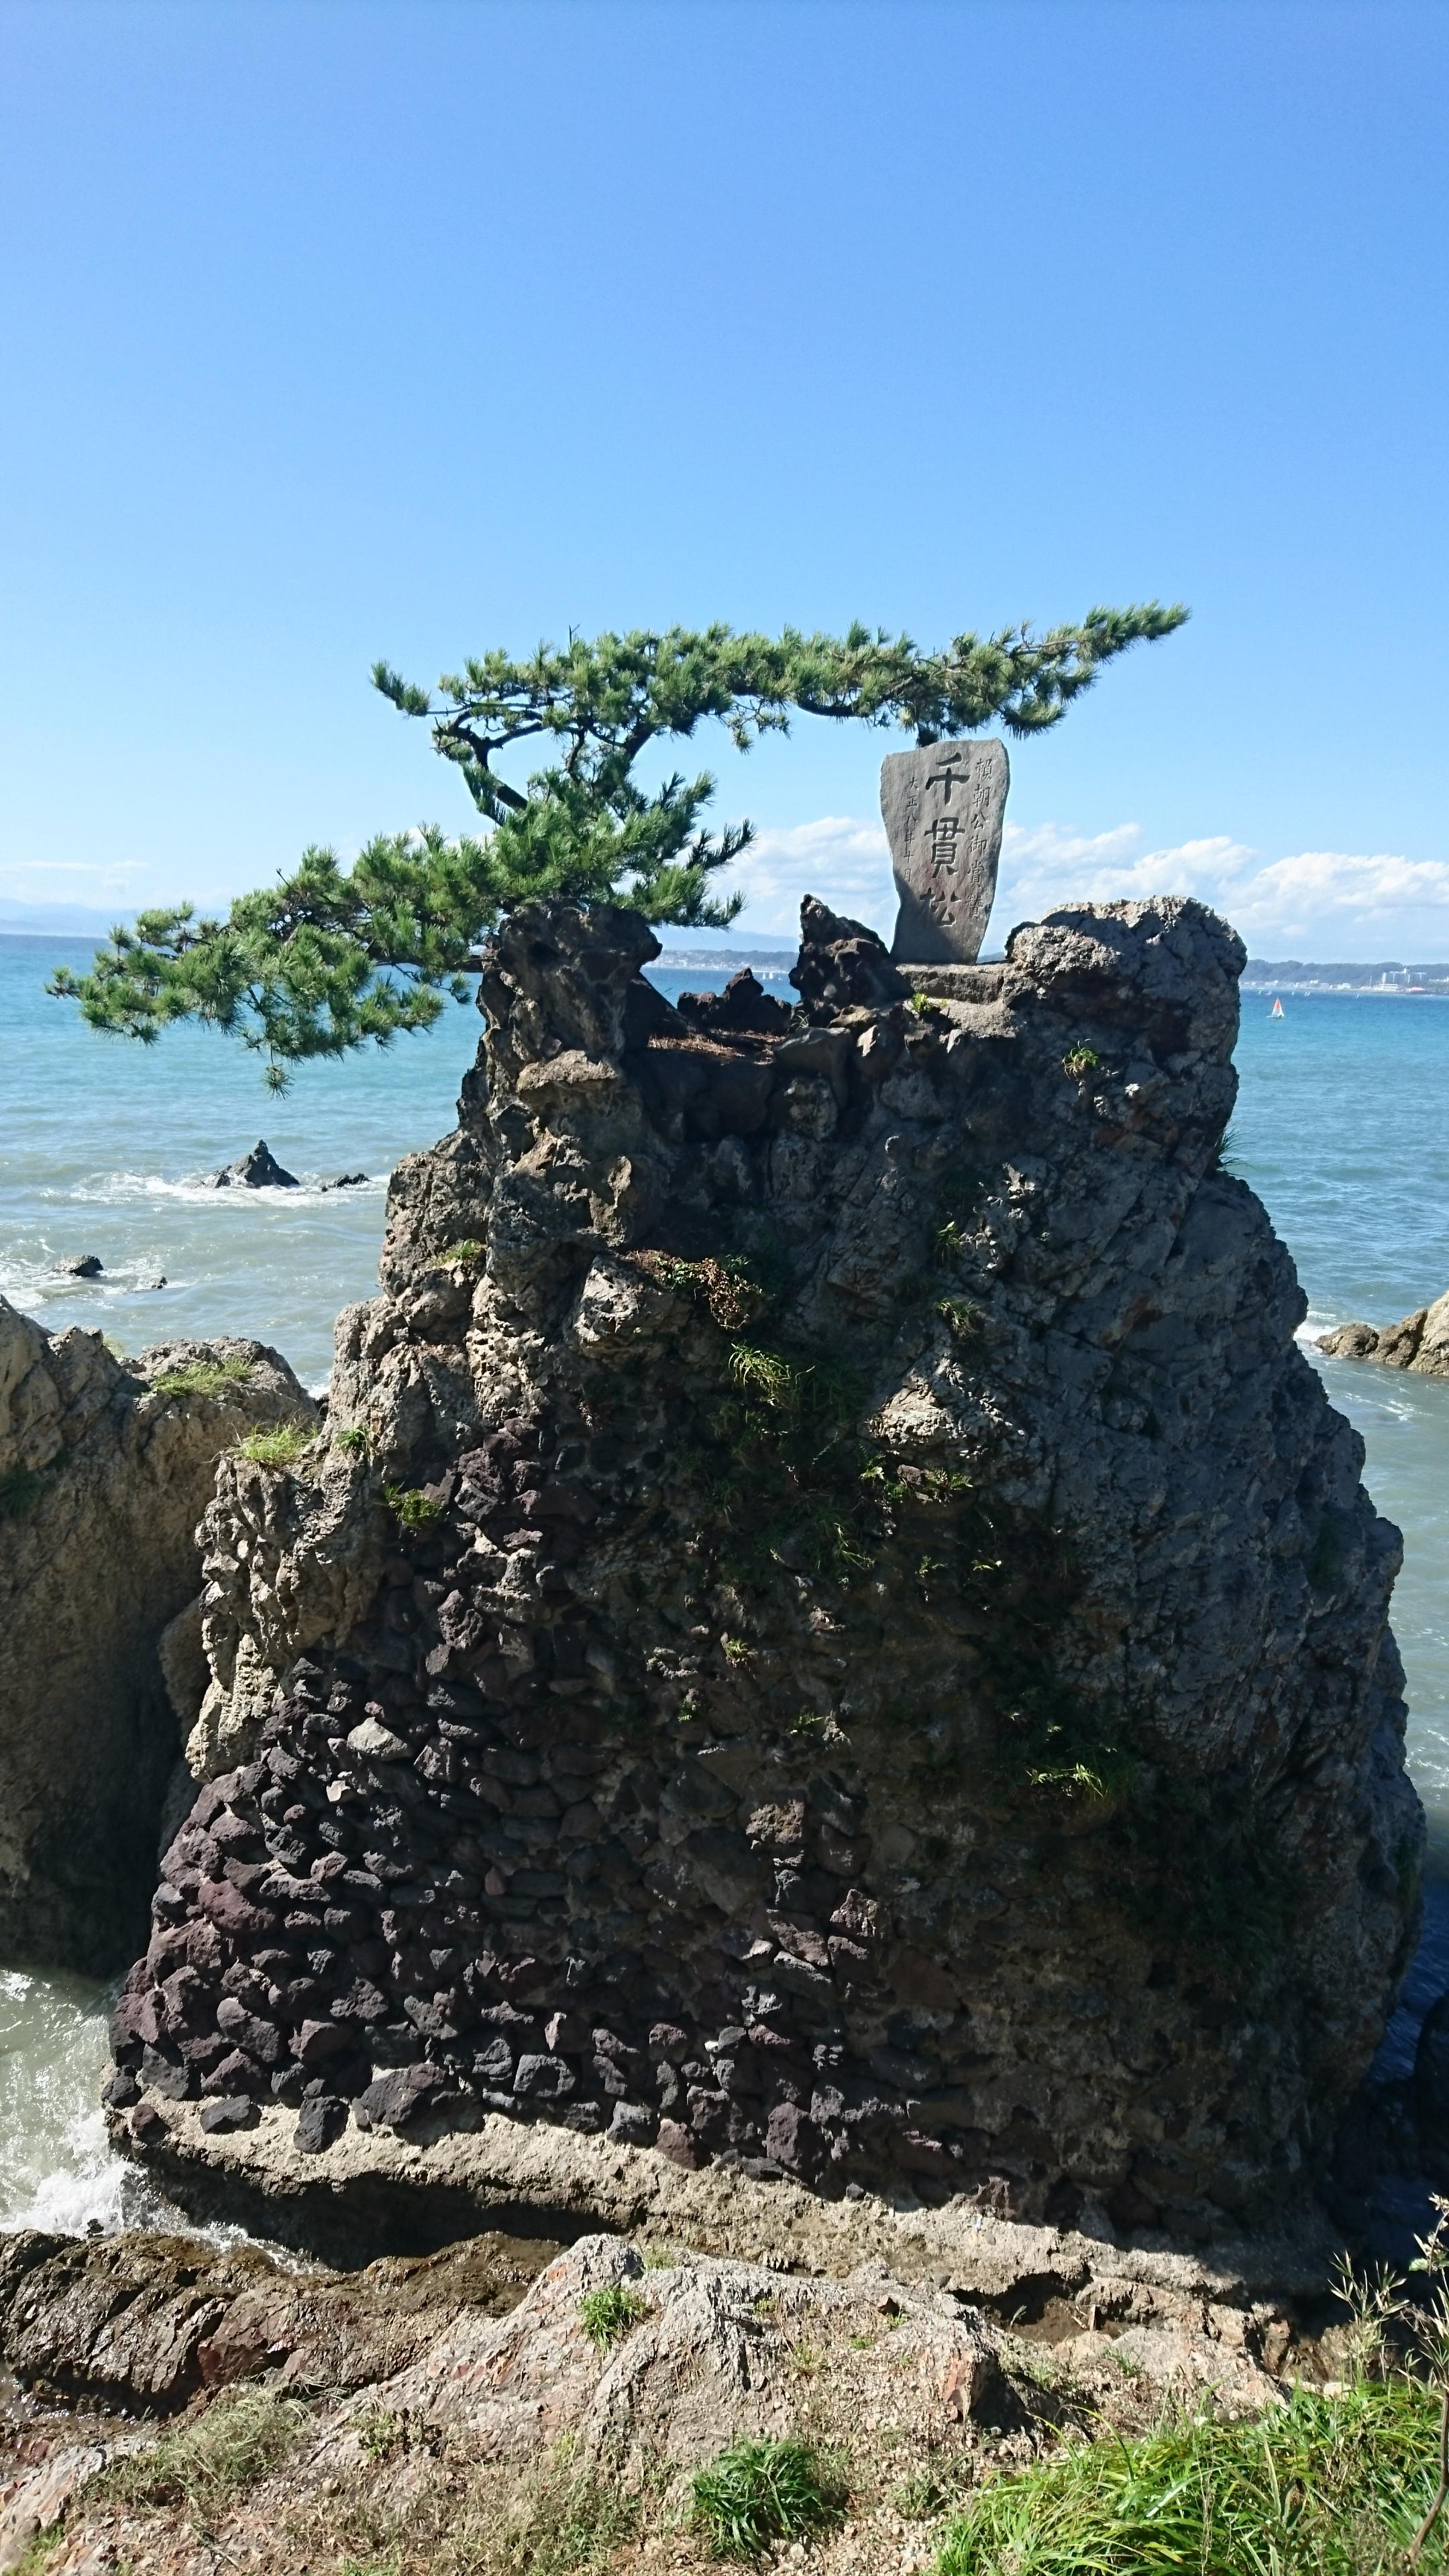 森戸大明神(森戸神社)の自然